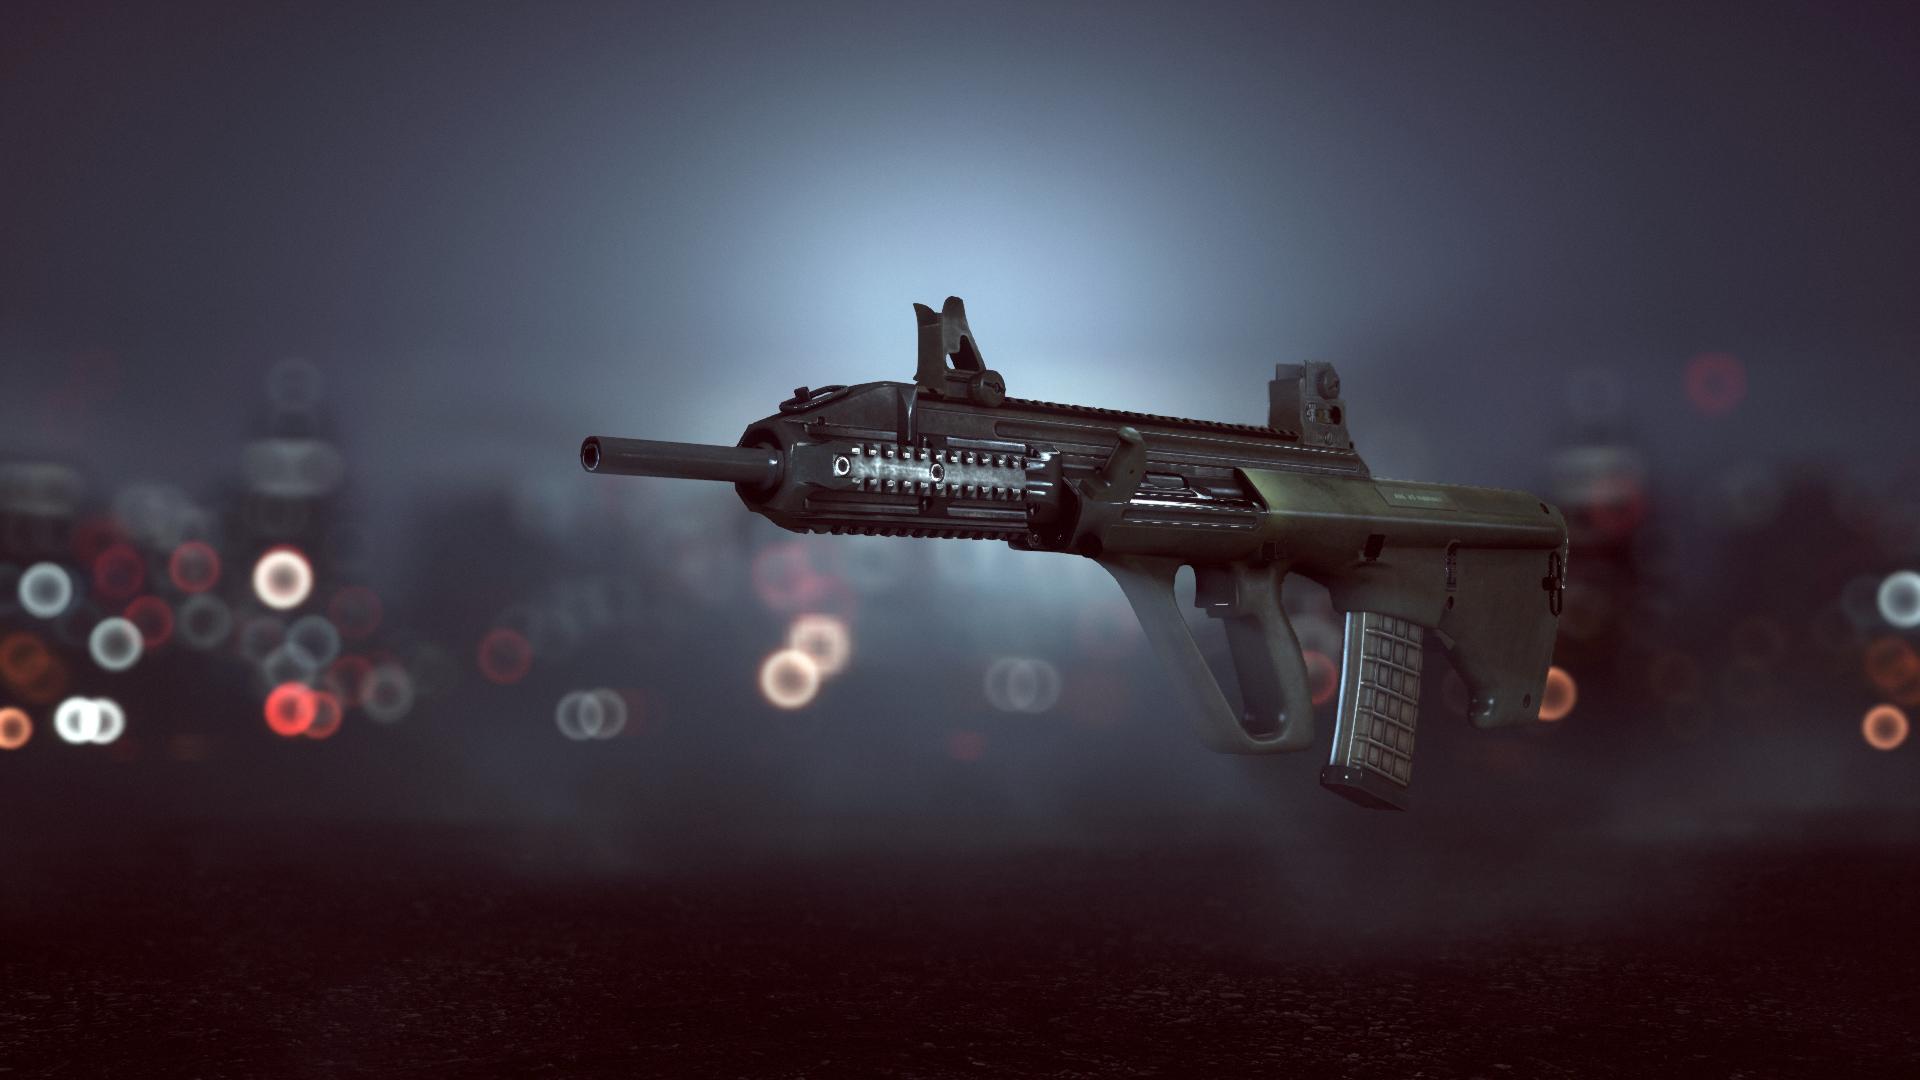 Battlefield 4: почему AUG A3 лучшая штурмовая винтовка для близких и средних дистанций. - Изображение 2